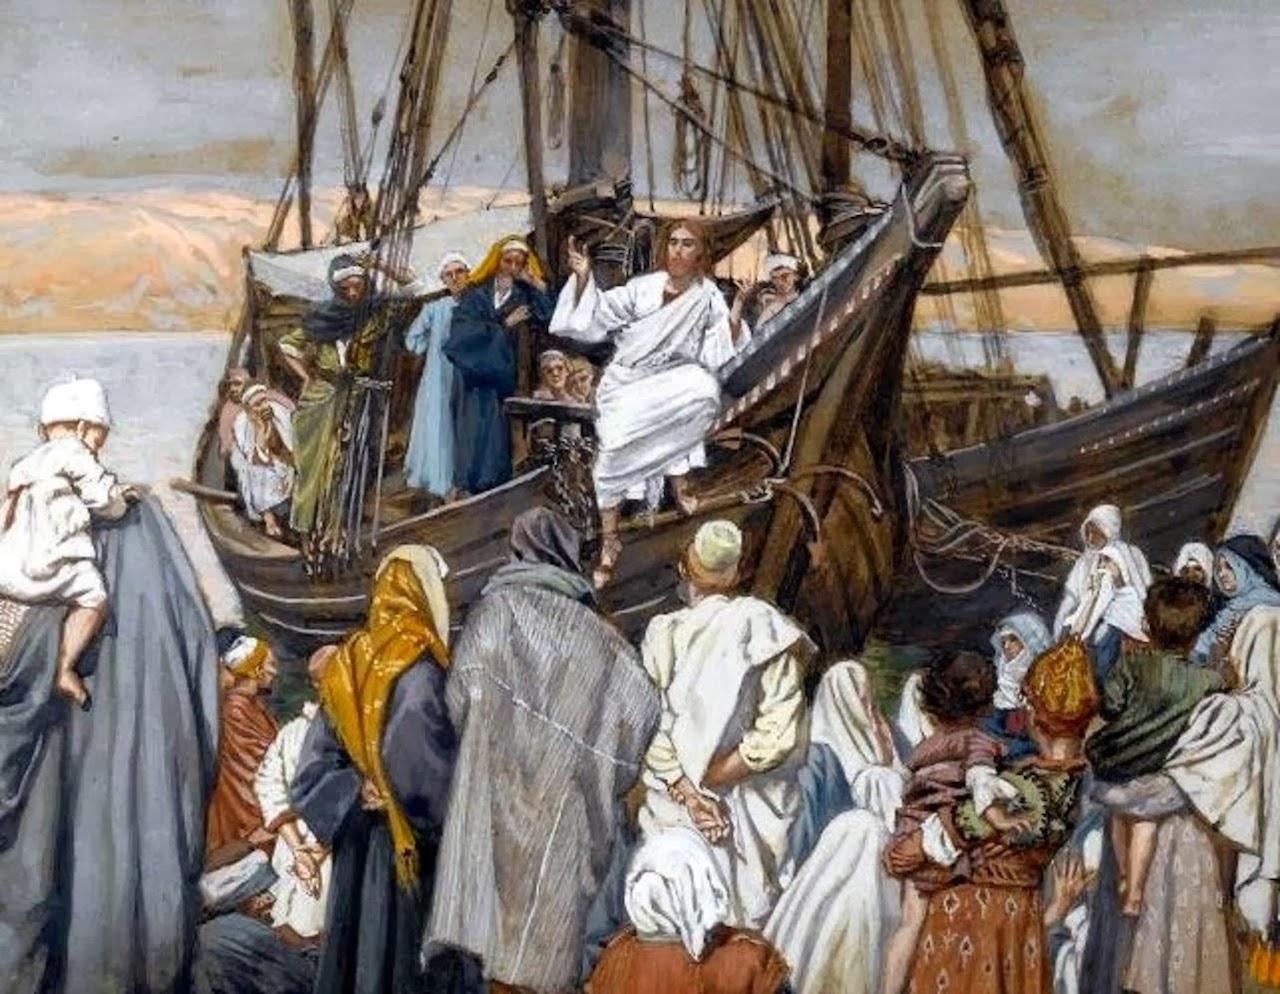 Cultura Bíblica: ¿Qué hizo Jesús para acreditarse como buen pastor?